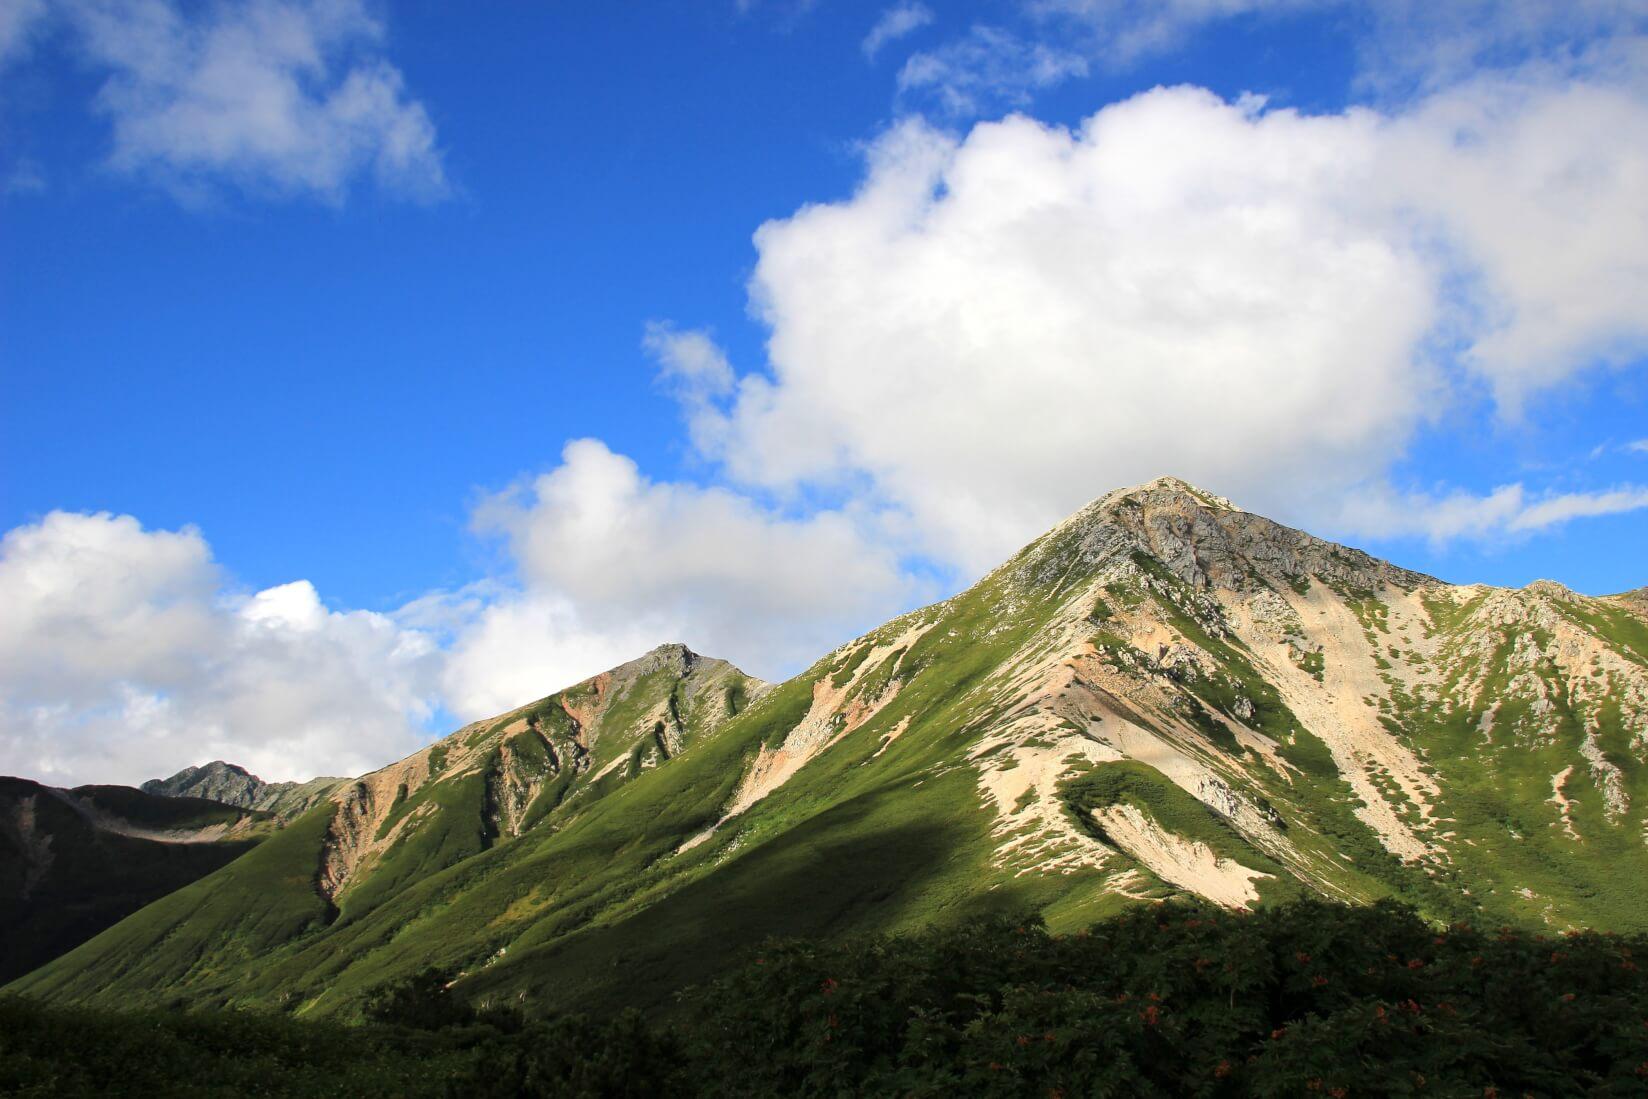 三俣蓮華岳キャンプ場からの眺め。右から鷲羽岳、ワリモ岳、水晶岳